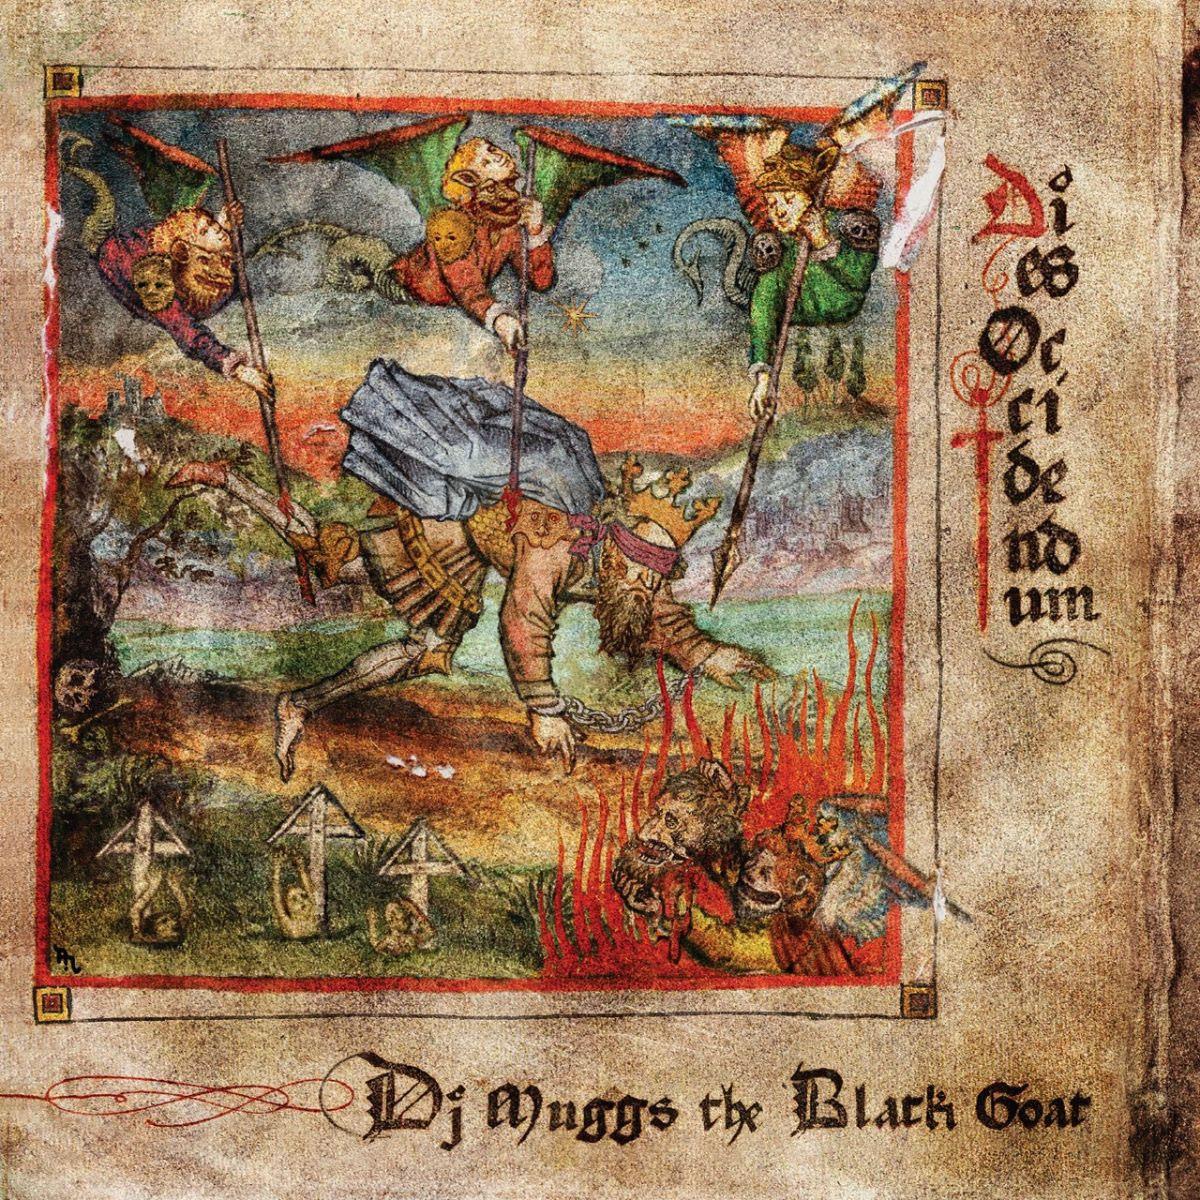 Sacred Bones Records DJ Muggs The Black Goat - Dies Occidendum